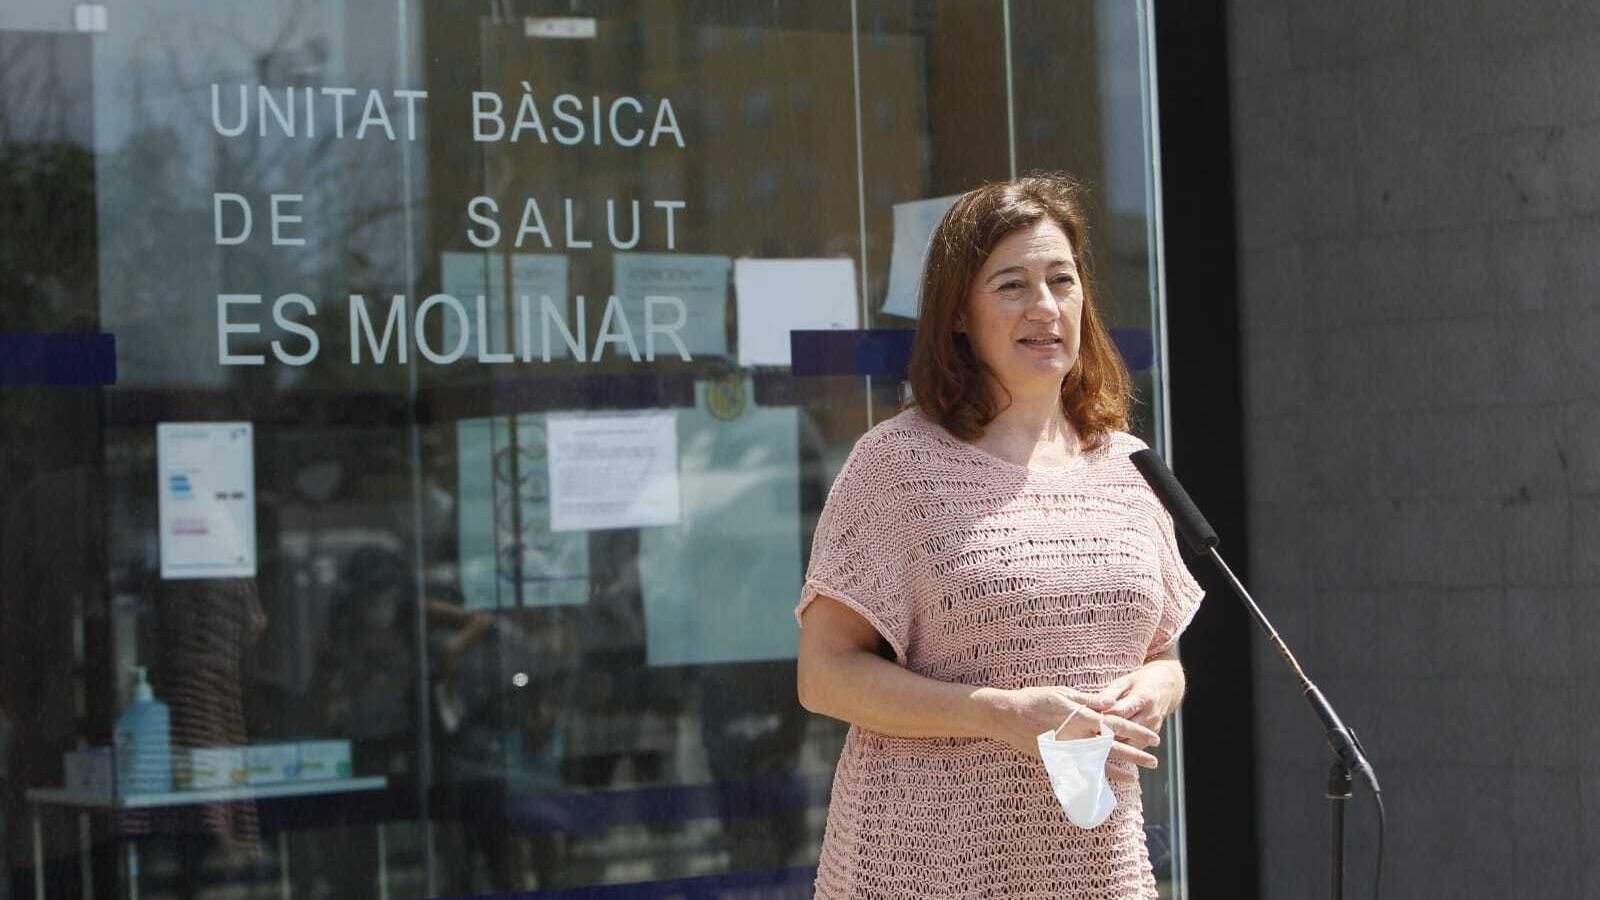 La presidenta Francina Armengol a la Unitat Bàsica de Salut d'Es Molinar